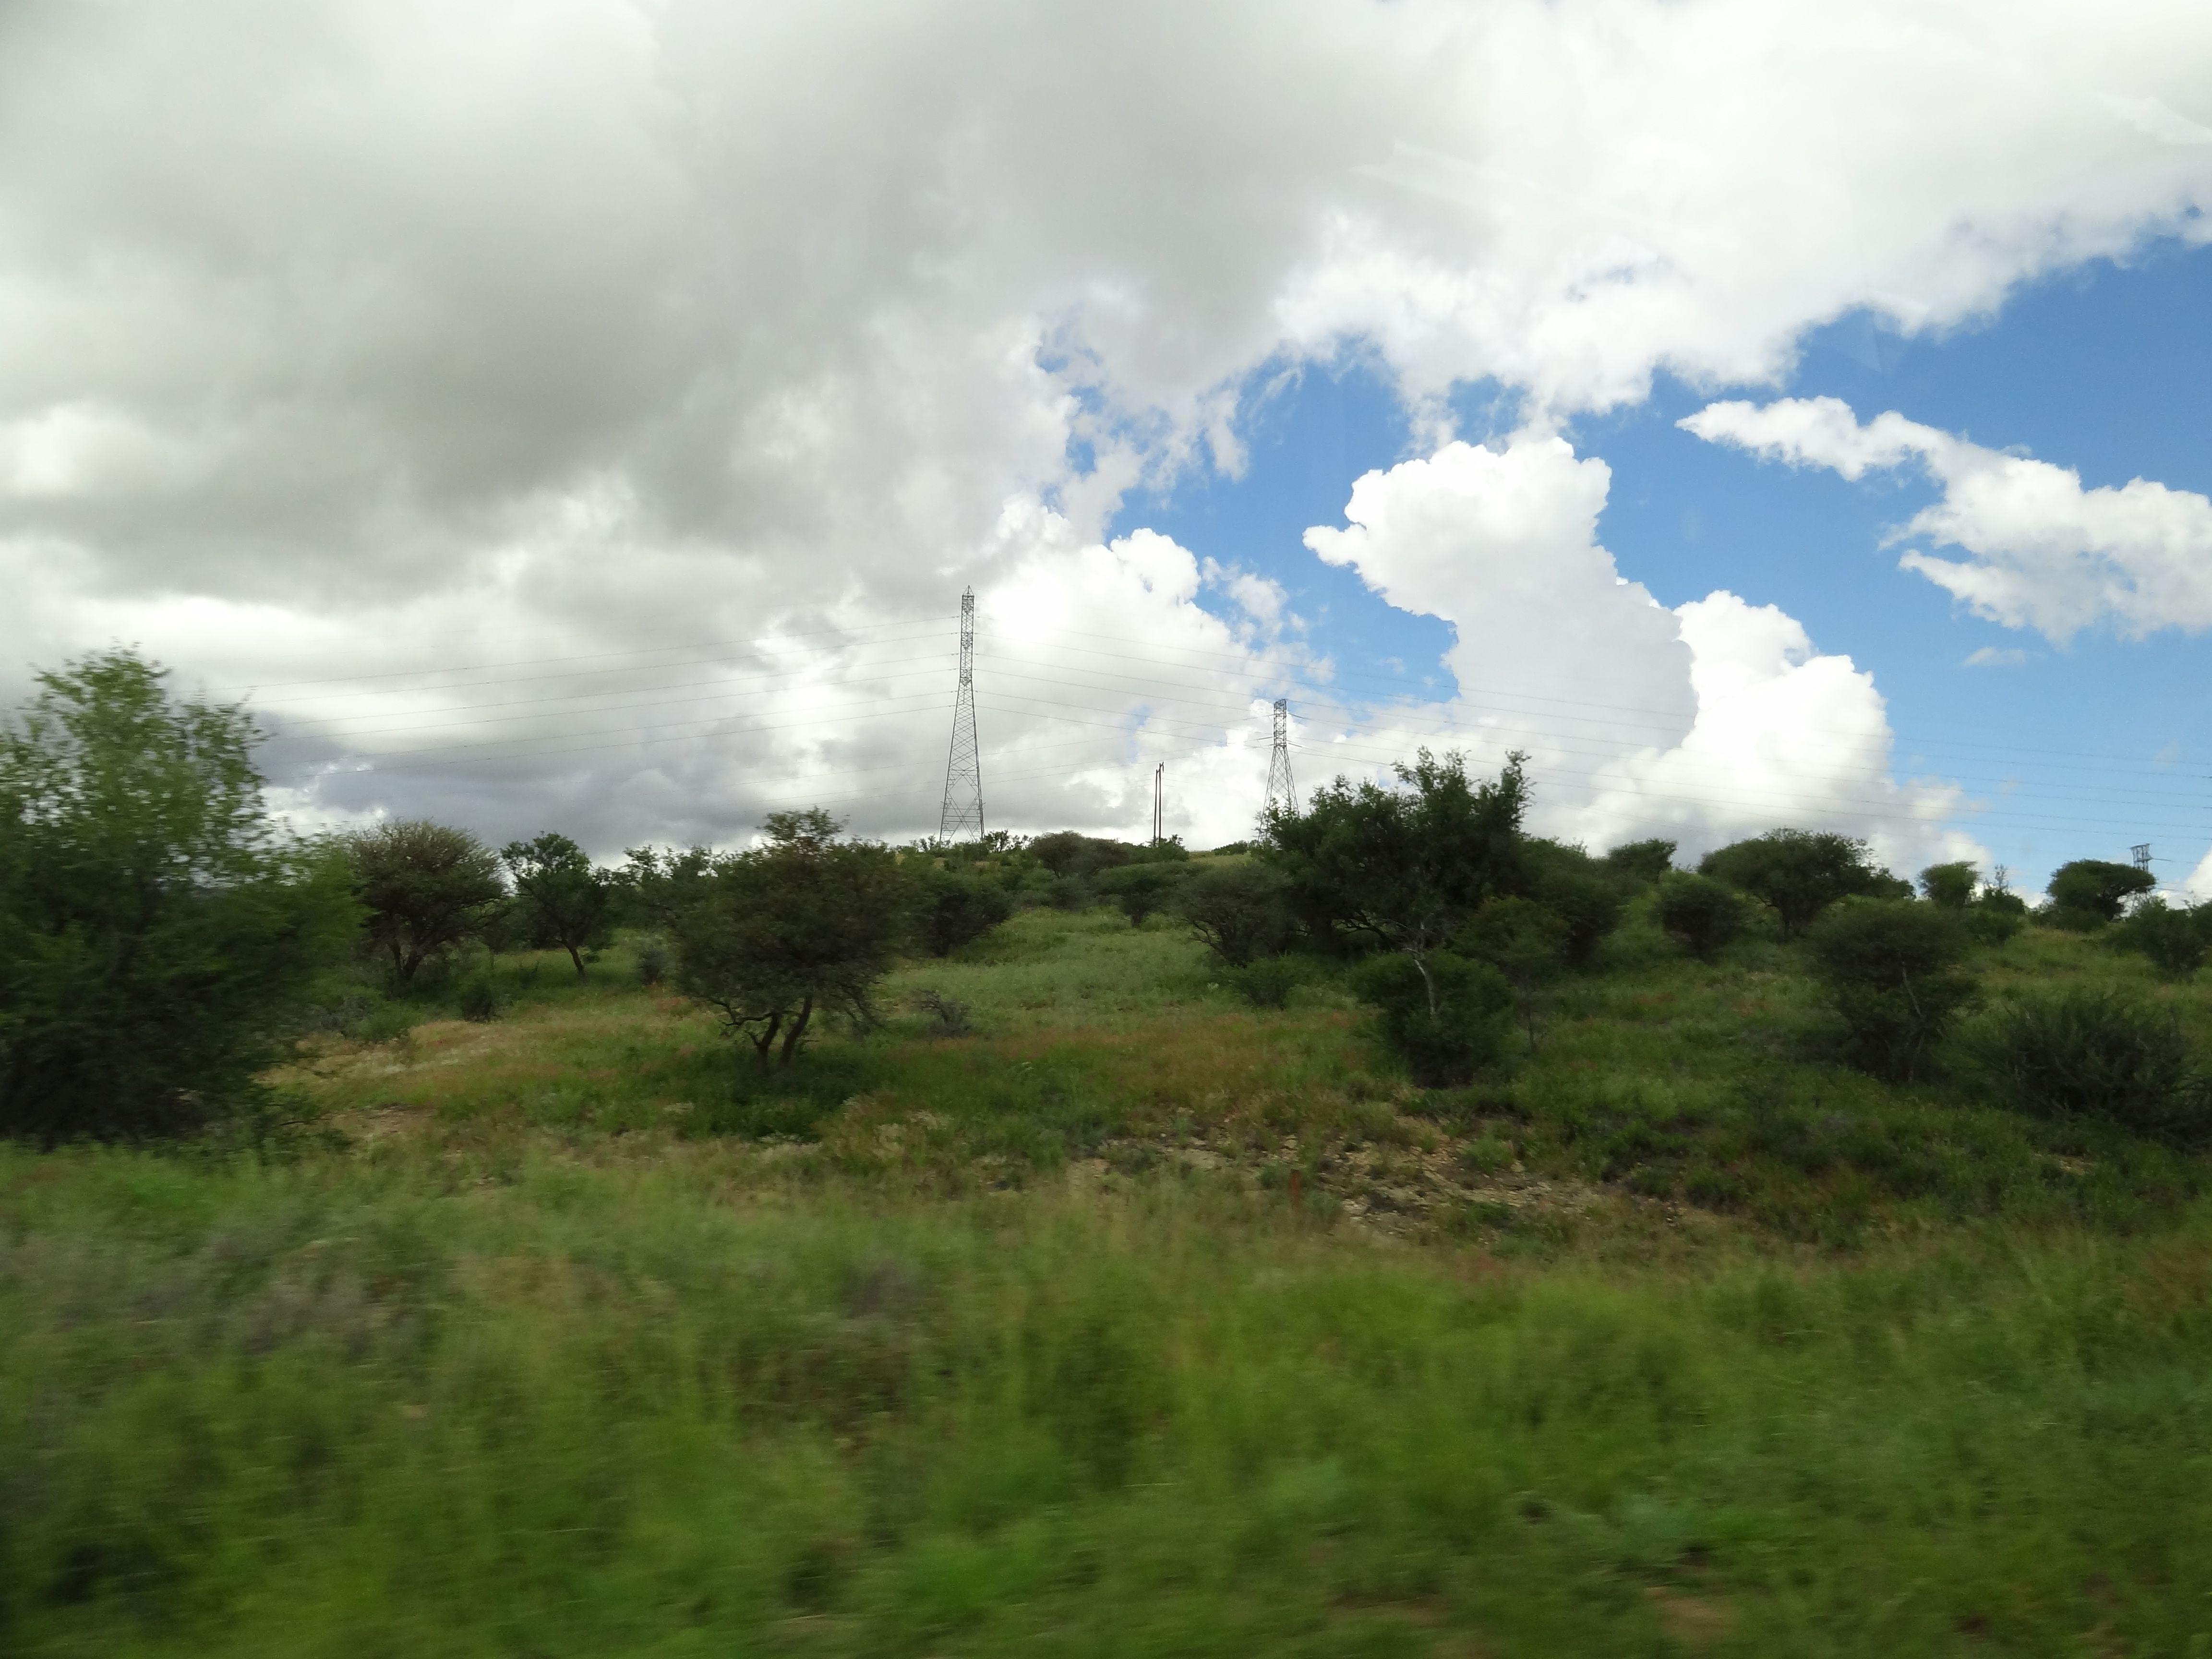 Das öffentliche Stromnetz in Namibia kann die Nachfrage nach Elektrizität nicht immer ausreichend bedienen.]